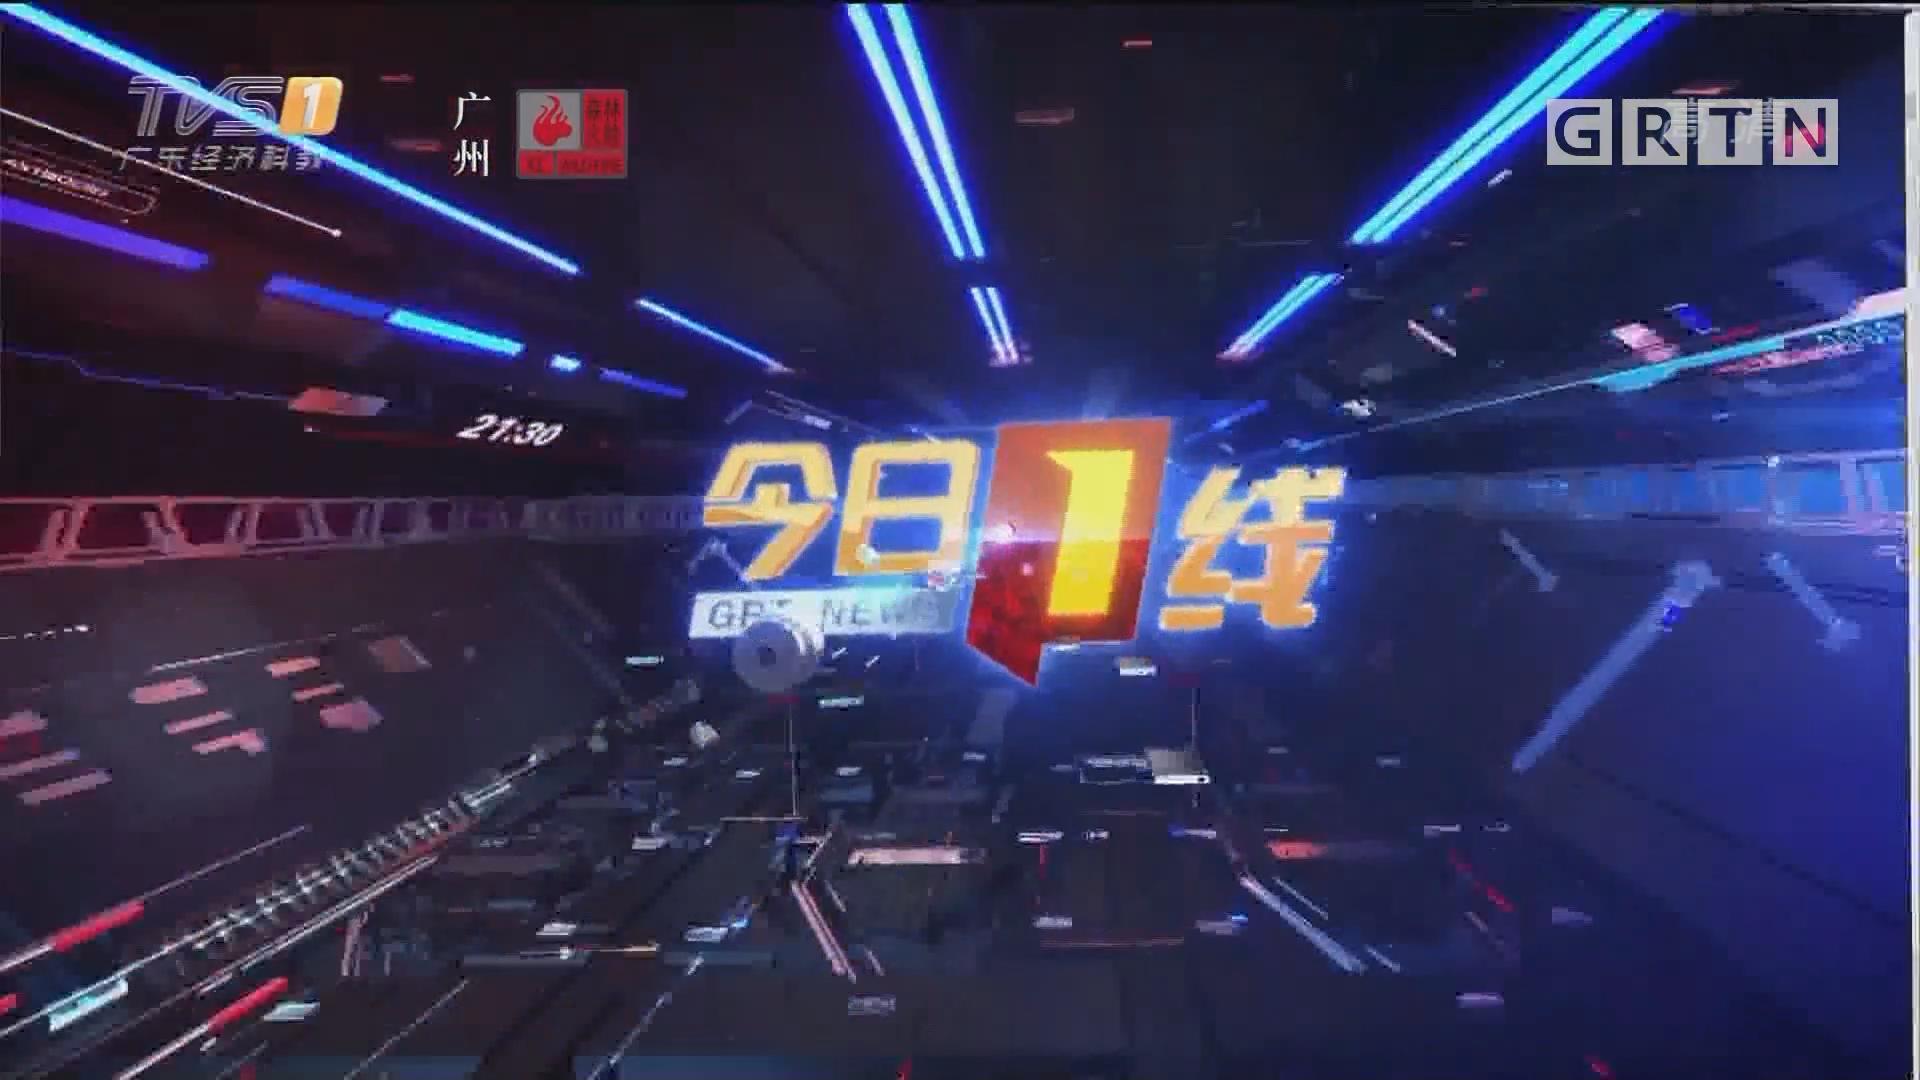 [HD][2019-12-12]今日一线:广州海珠区 烧烤店起火 巷道狭窄消防车难以接近火场?